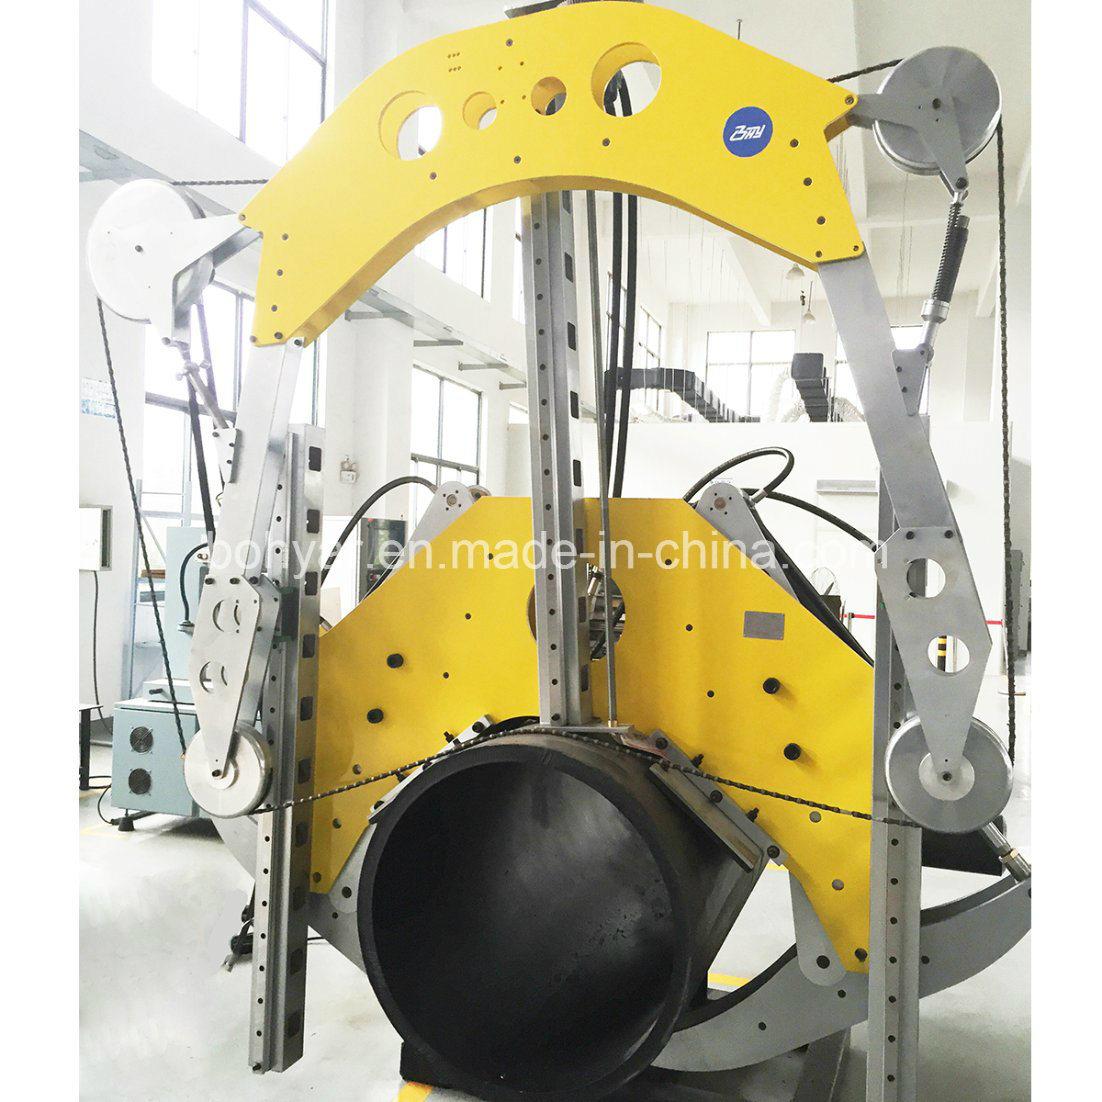 Hydraulic Diamond Wire Saw Machine/Pipe Cutting Machine (DWS1636)